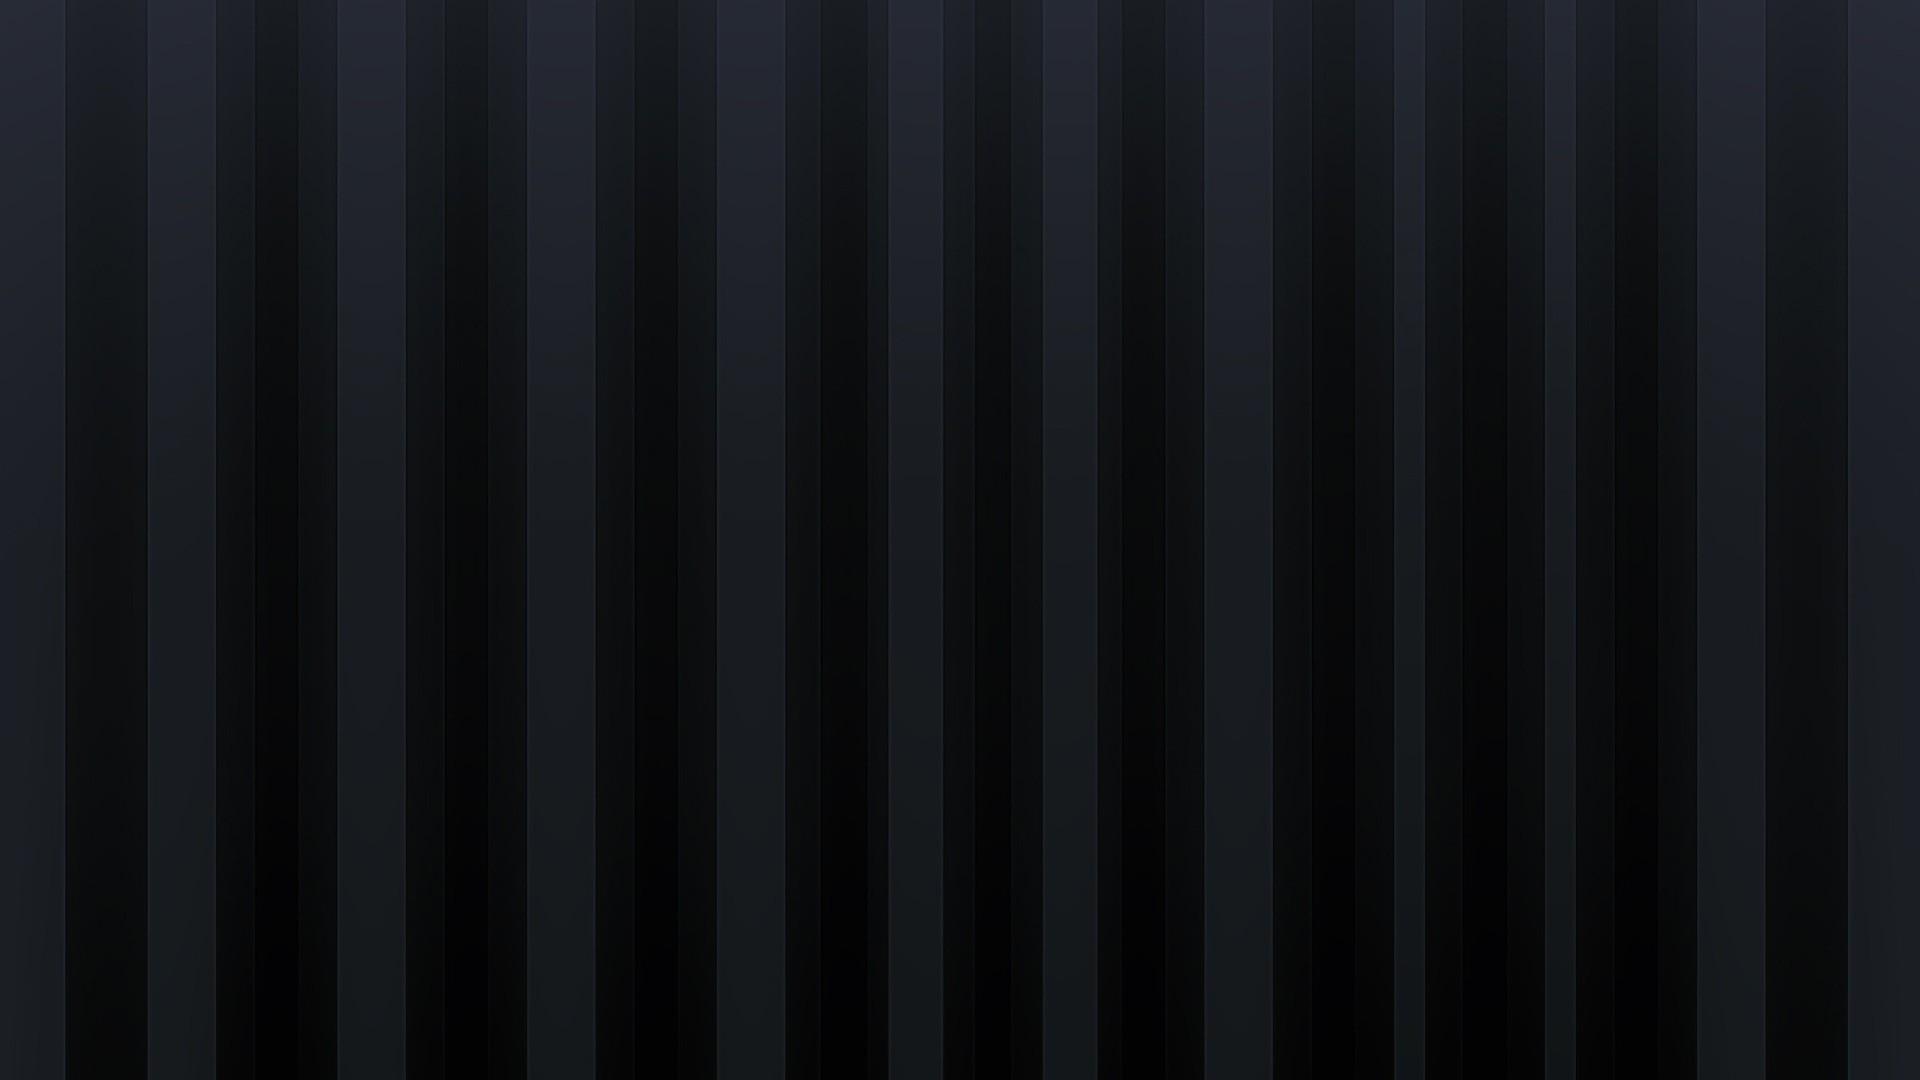 Minimalistic Stripes High Definition